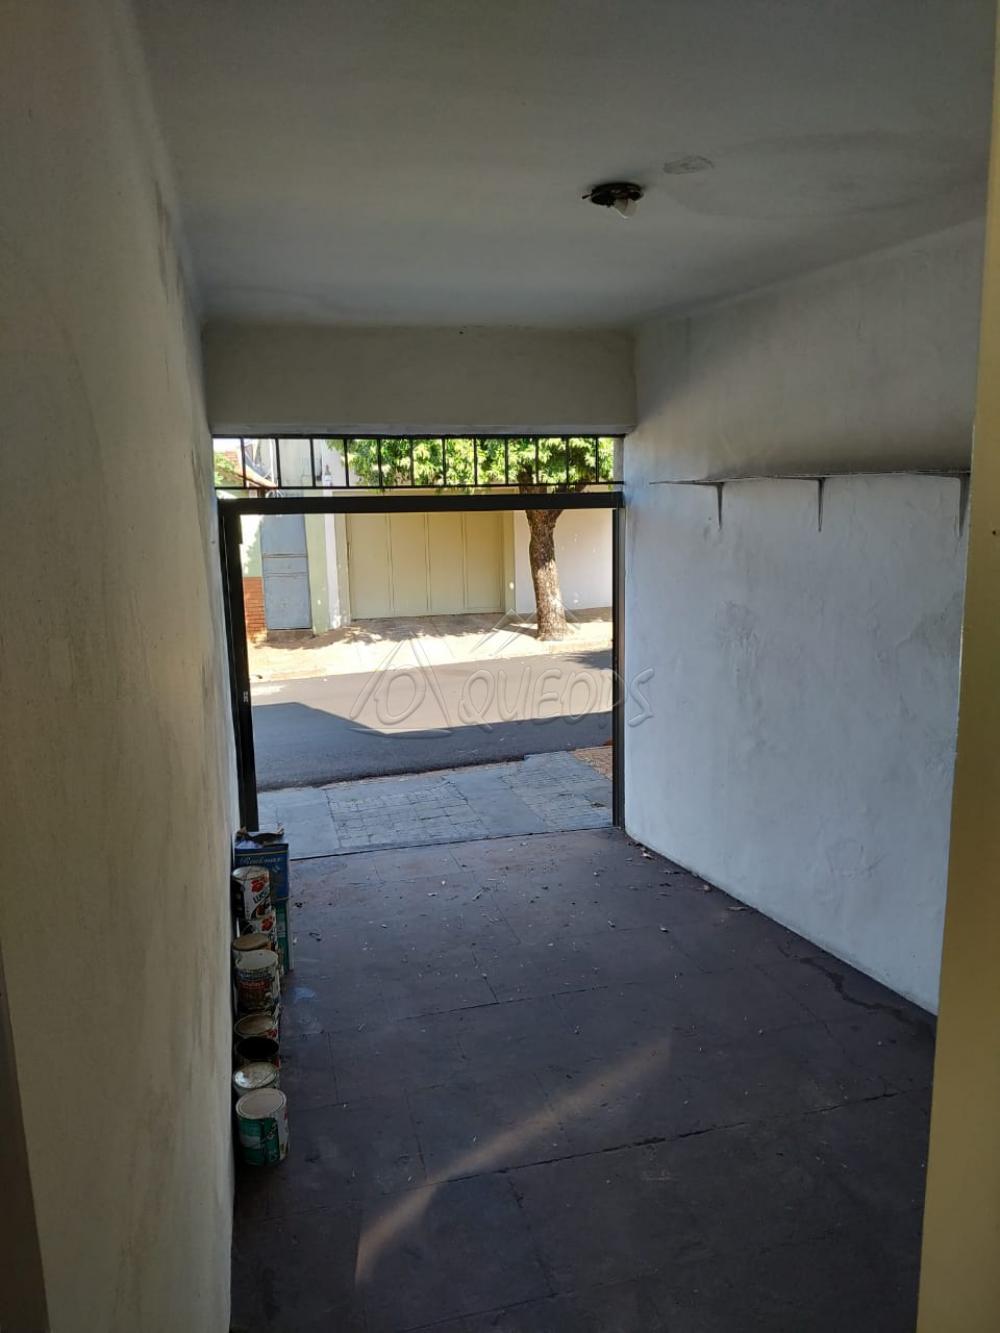 Comprar Casa / Padrão em Barretos apenas R$ 220.000,00 - Foto 3